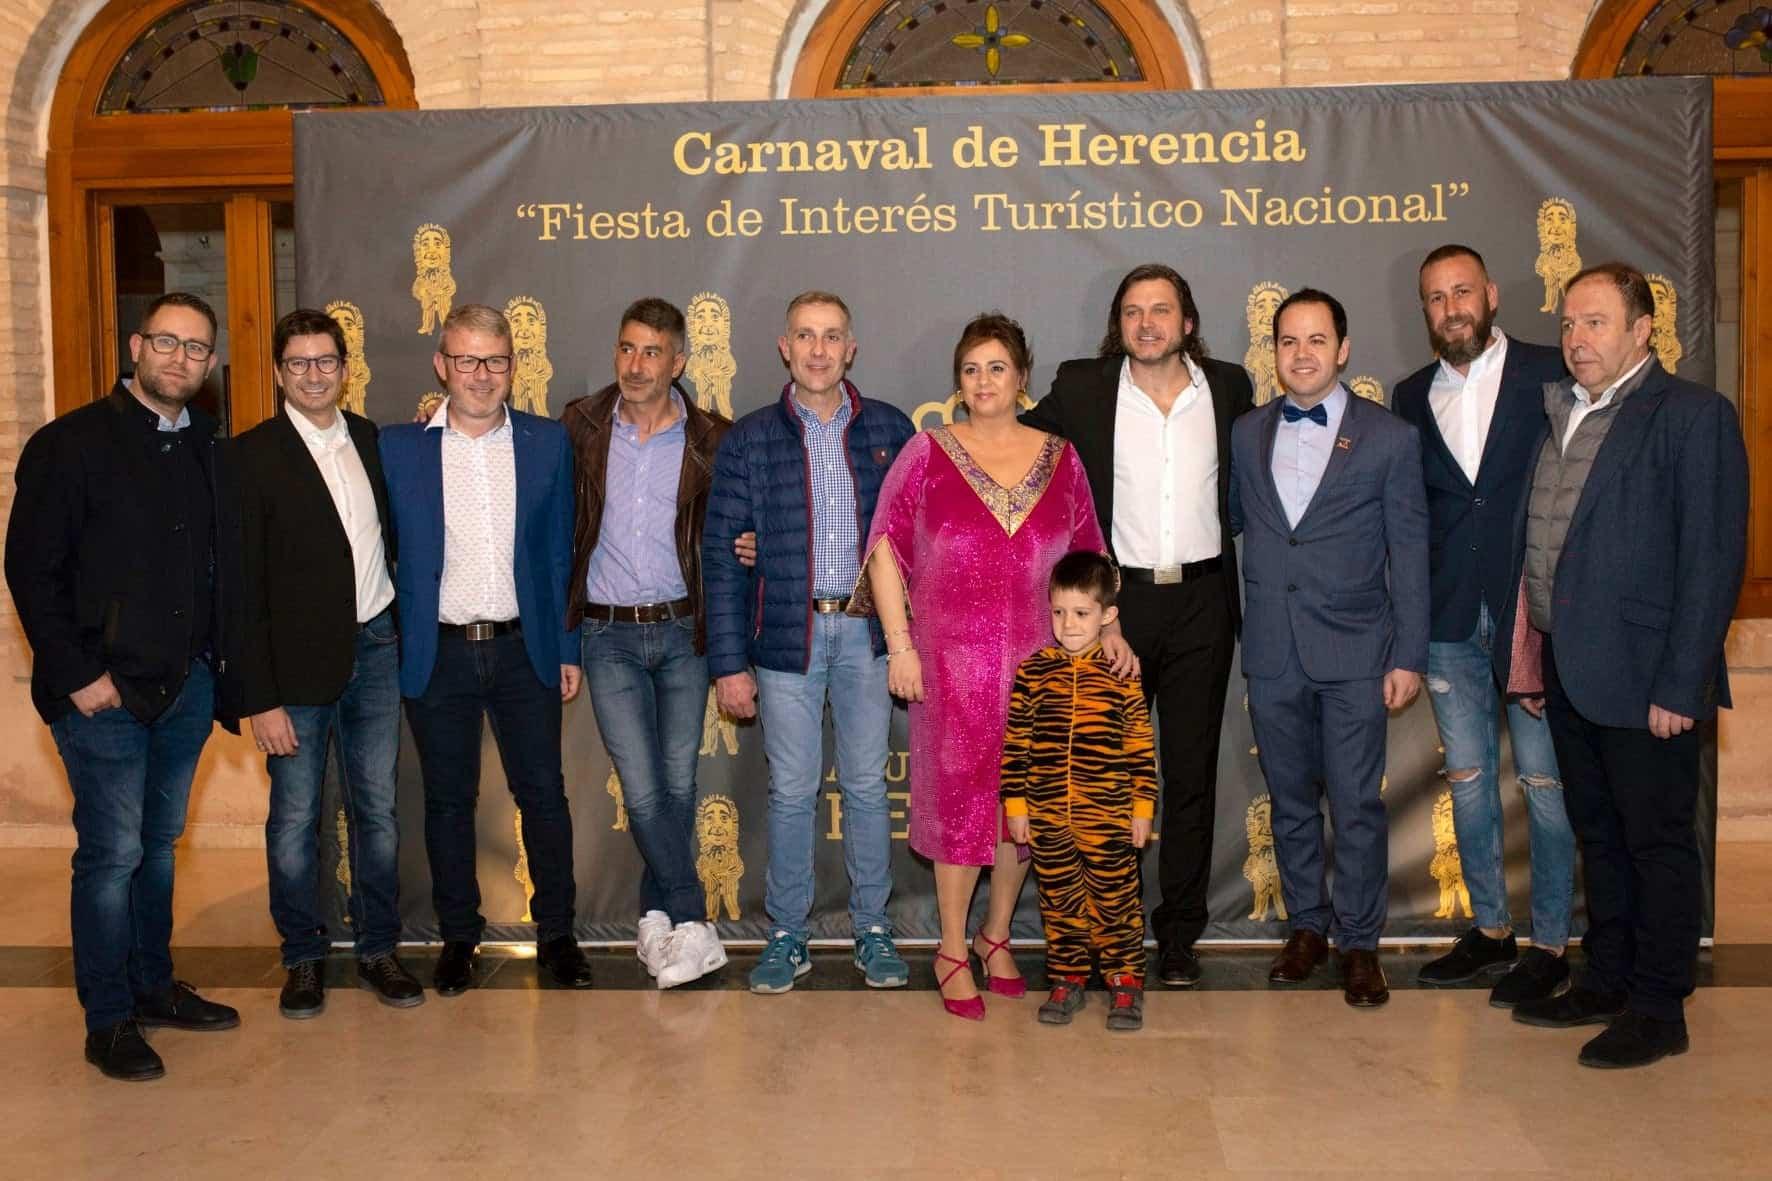 inauguracion carnaval 2020 herencia 26 - Inauguración del Carnaval de Herencia 2020